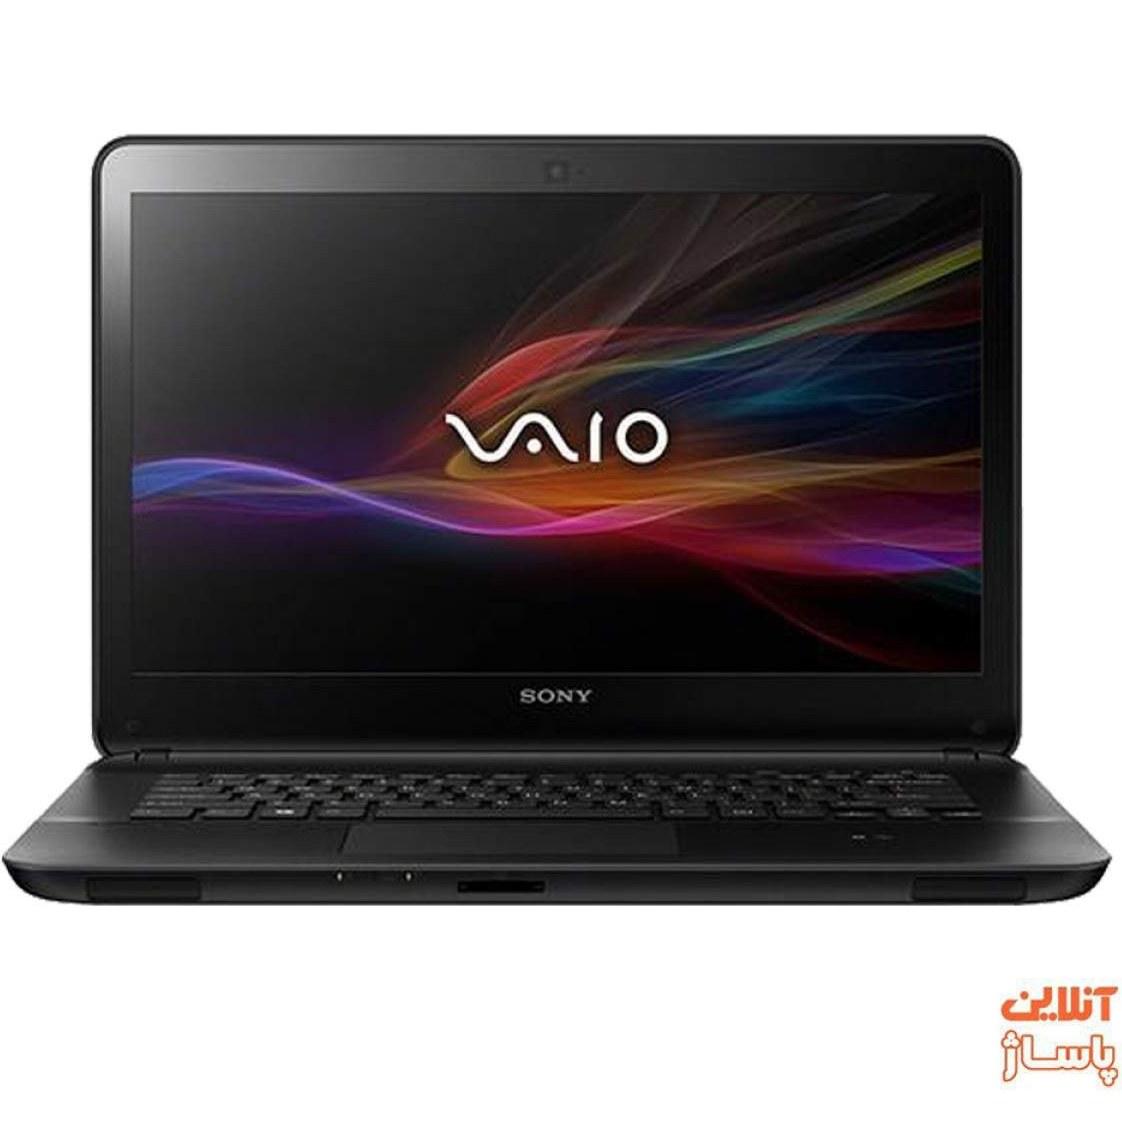 تصویر لپ تاپ سونی وایو فیت 14E Sony VAIO Fit 14E SVF1432SGW